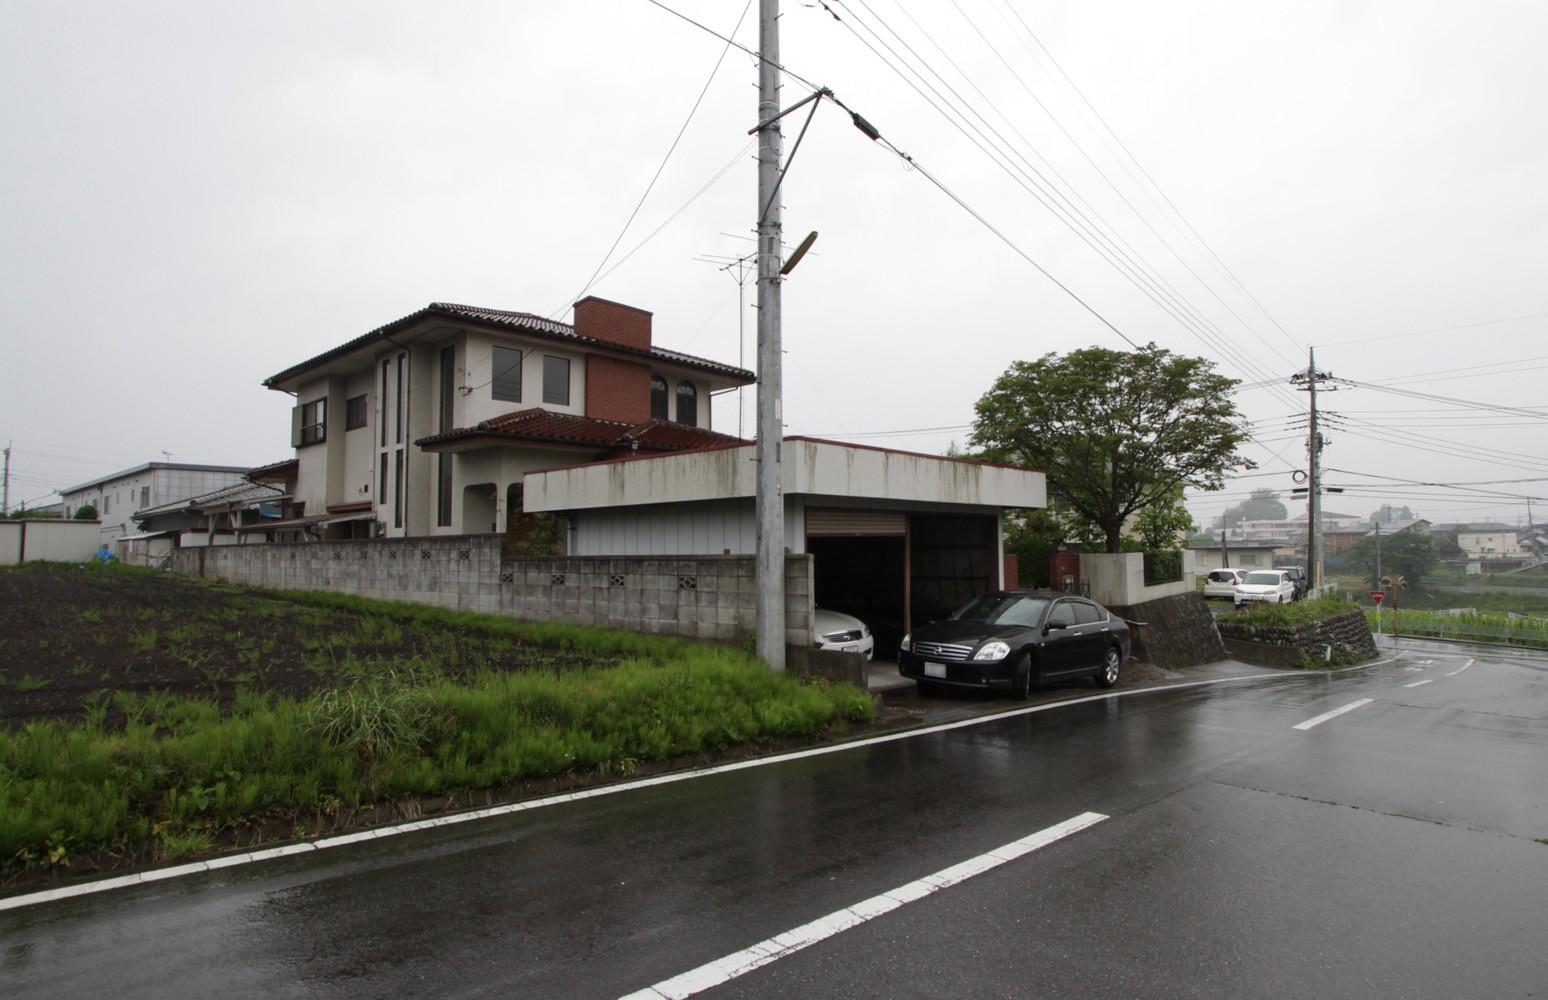 外観事例:リノベーション前の建物(木造築30年「フルリノベーション+増築」で二世帯住宅に改築 OUCHI-23)